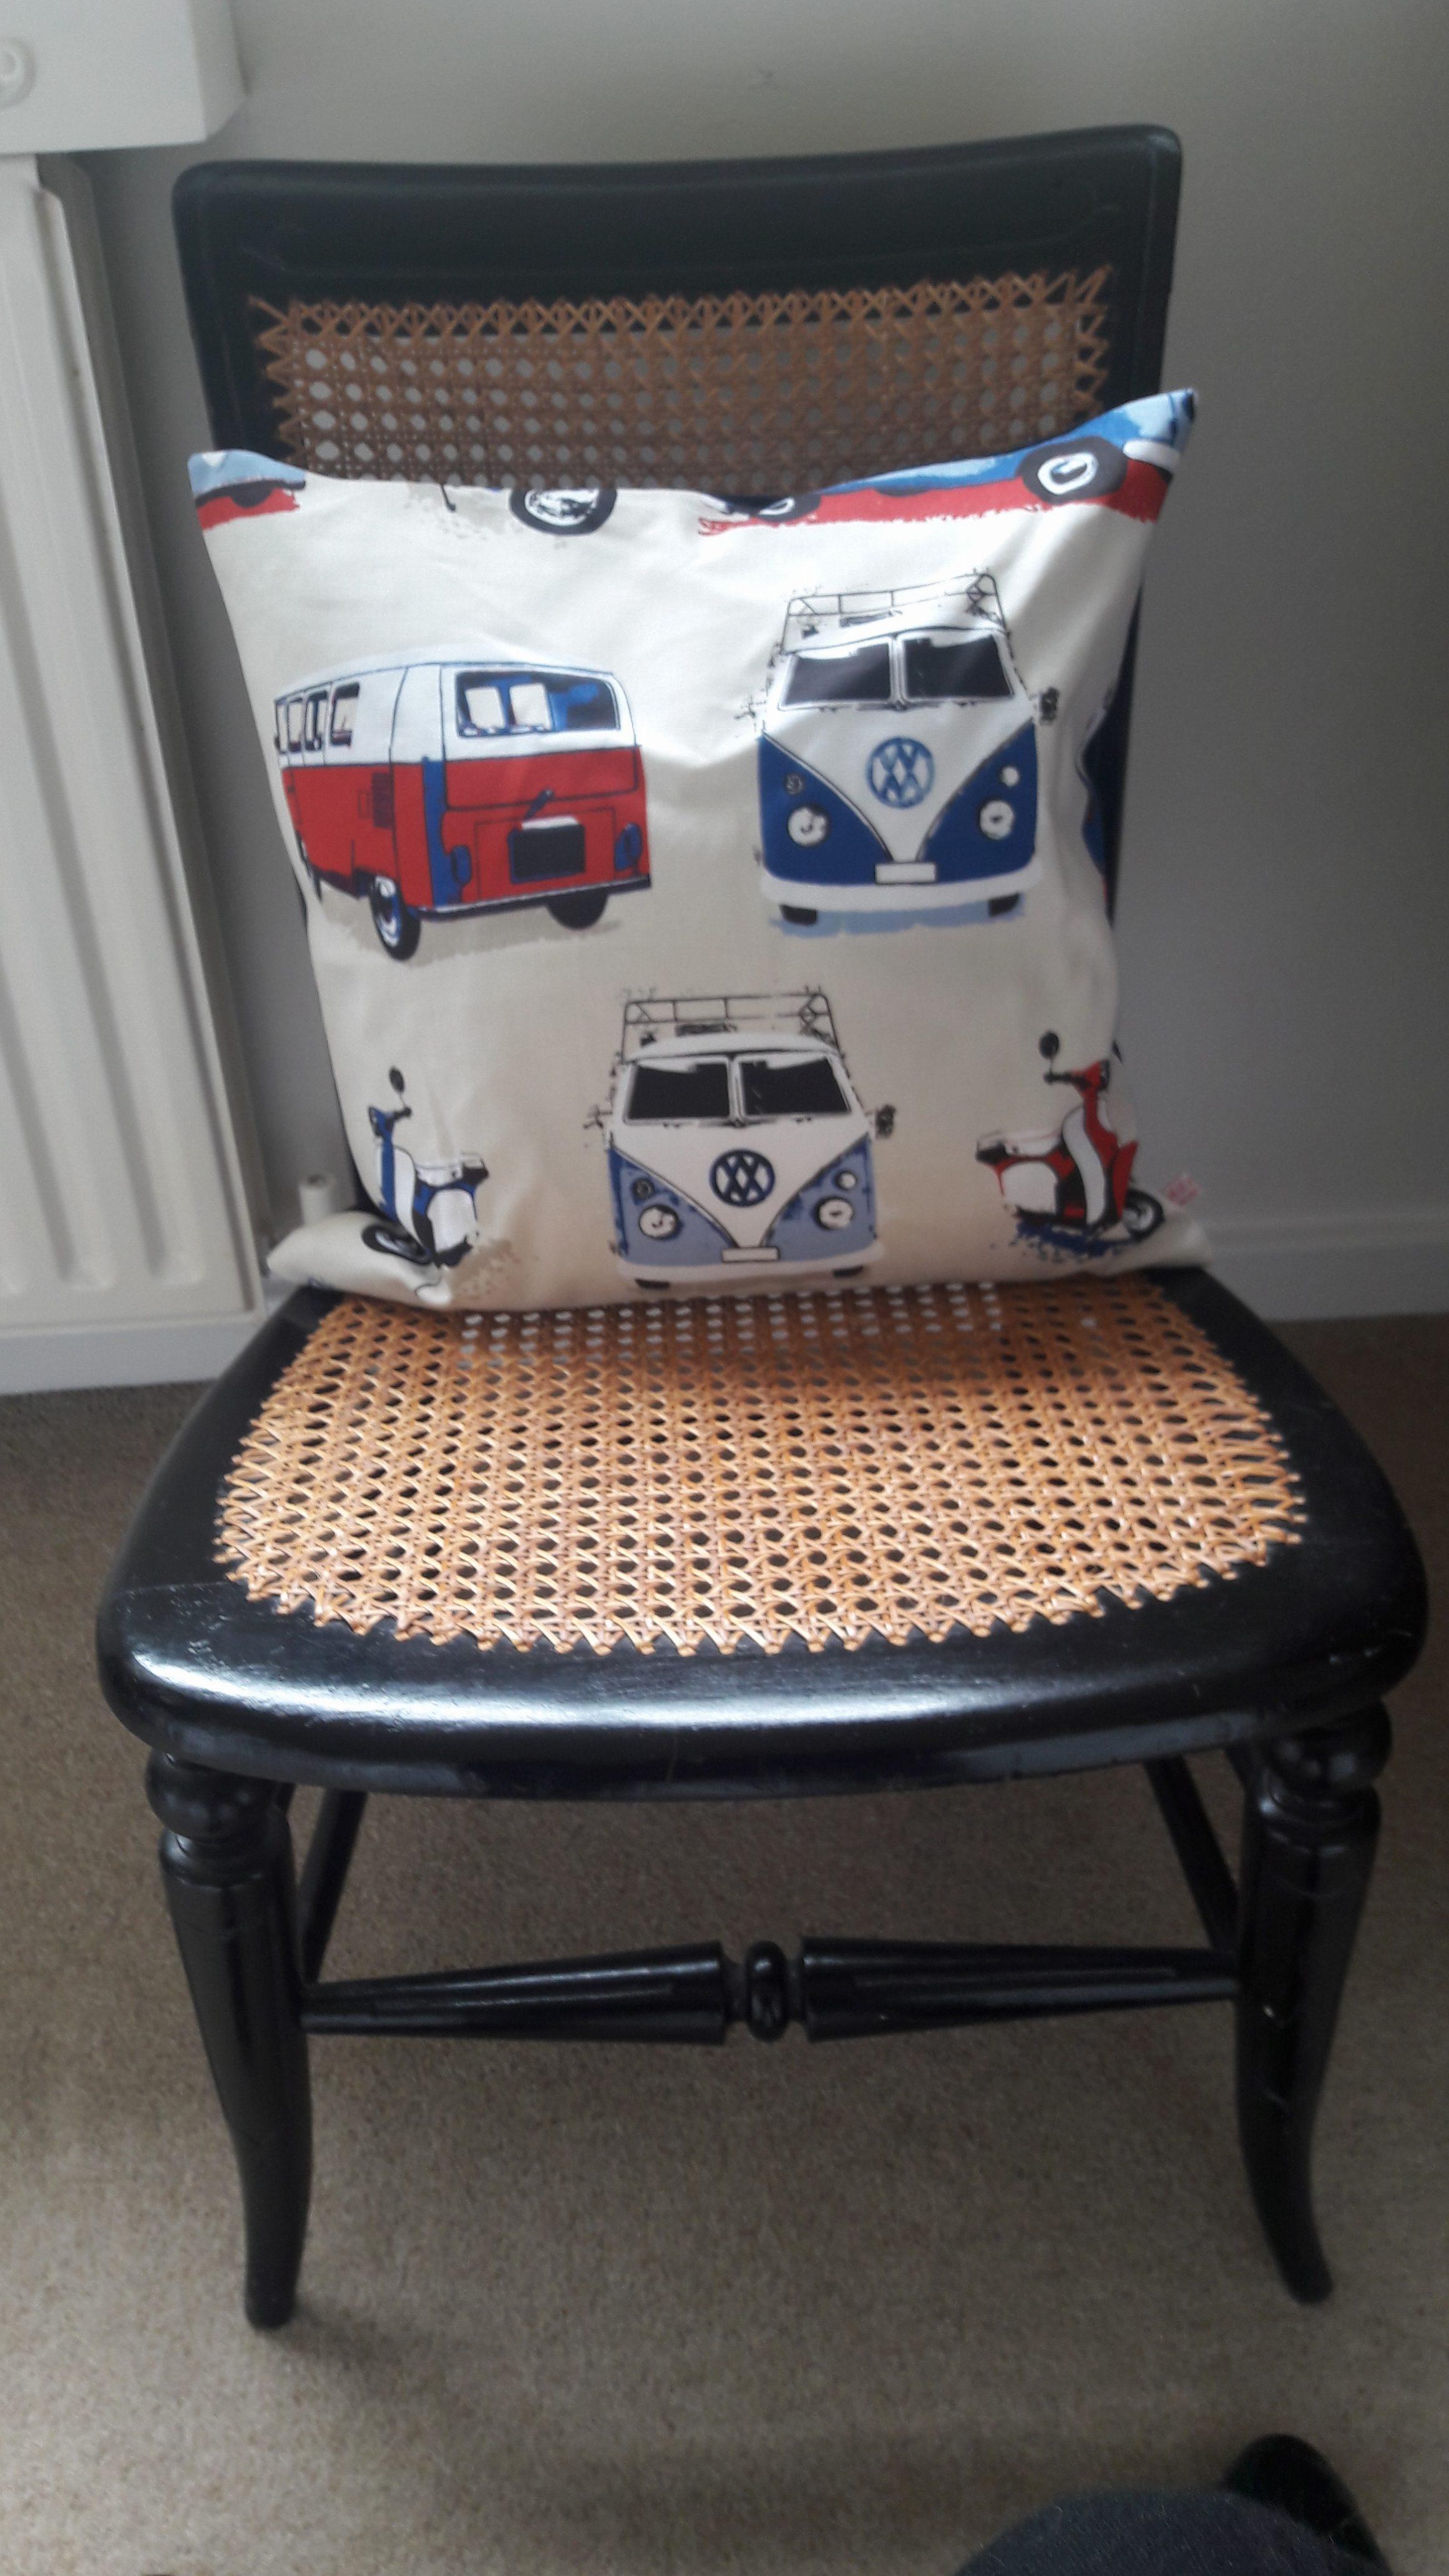 Camper van, campervan, VW, Van, Cushion